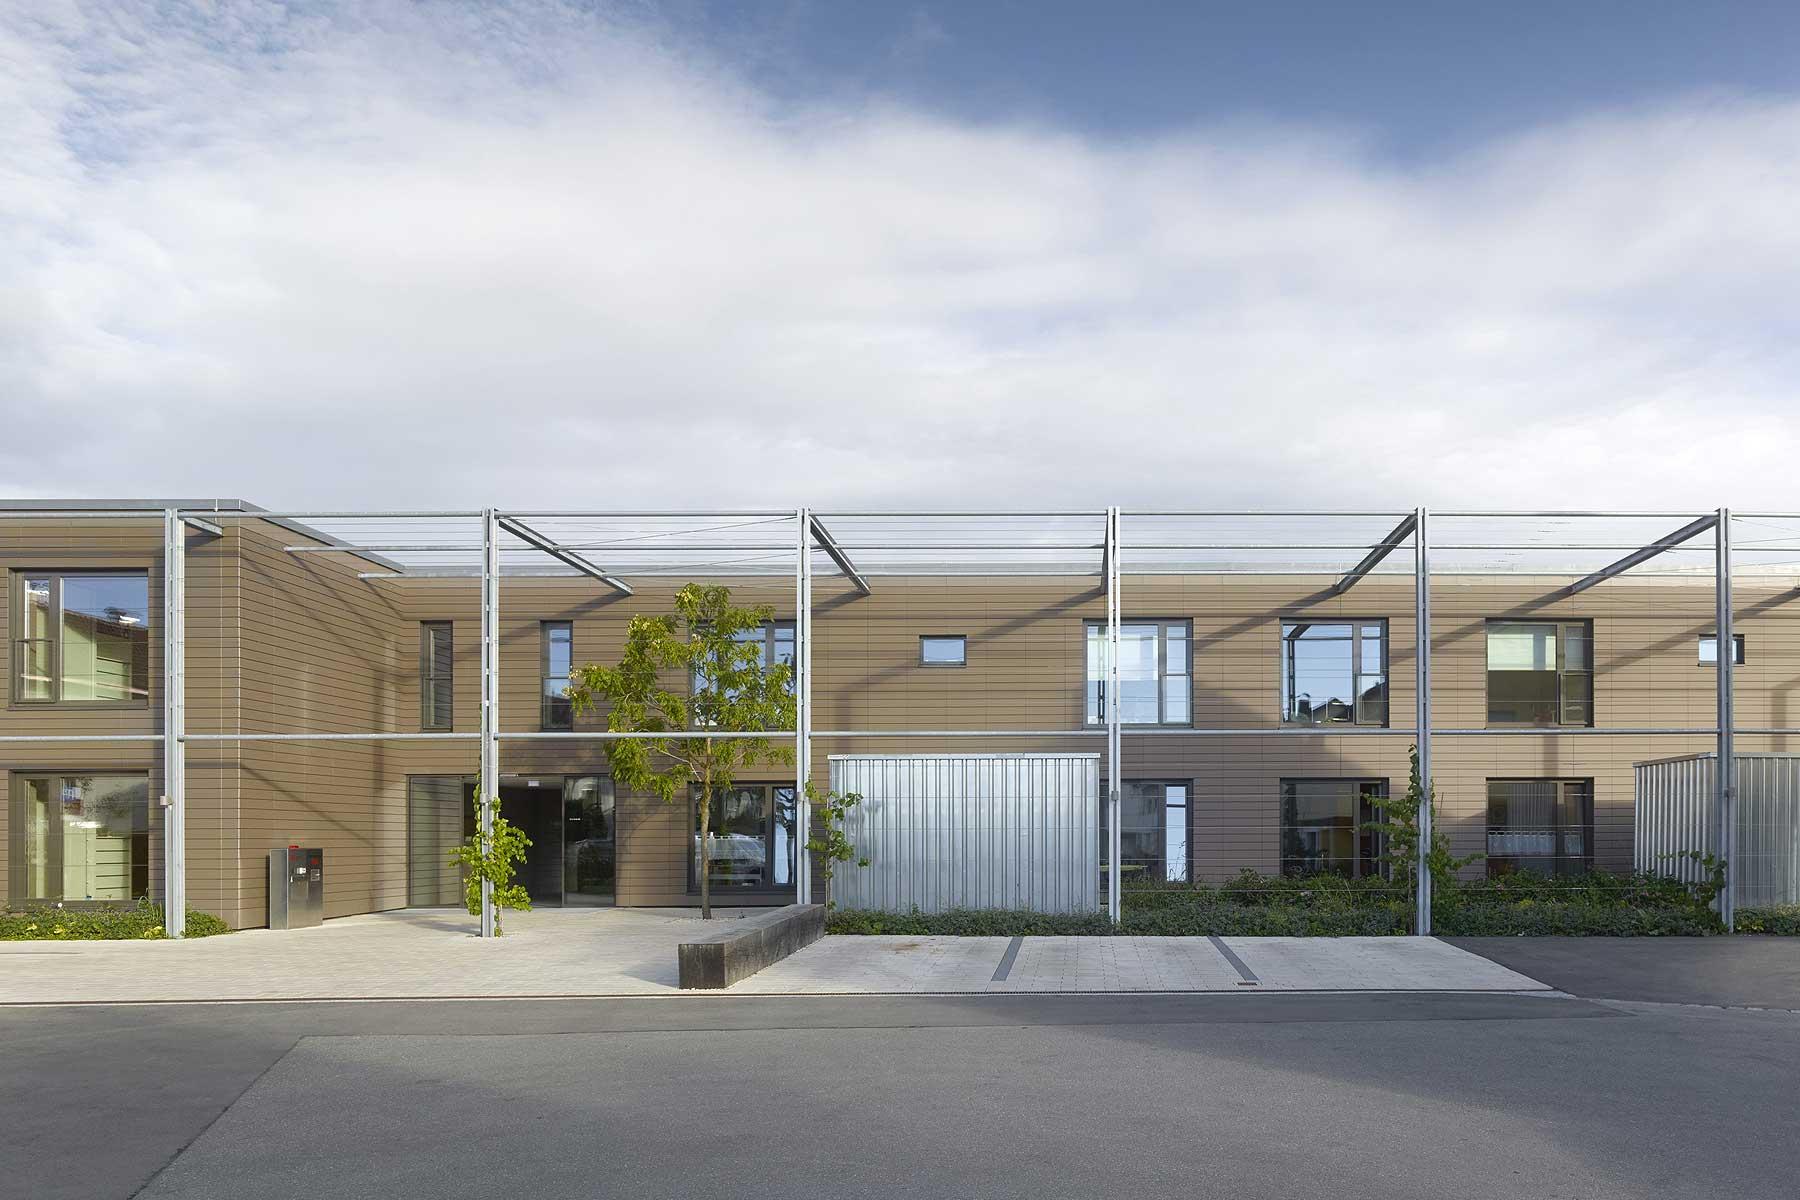 Wohnheim Für Menschen Mit Behinderung Aldinger Architekten